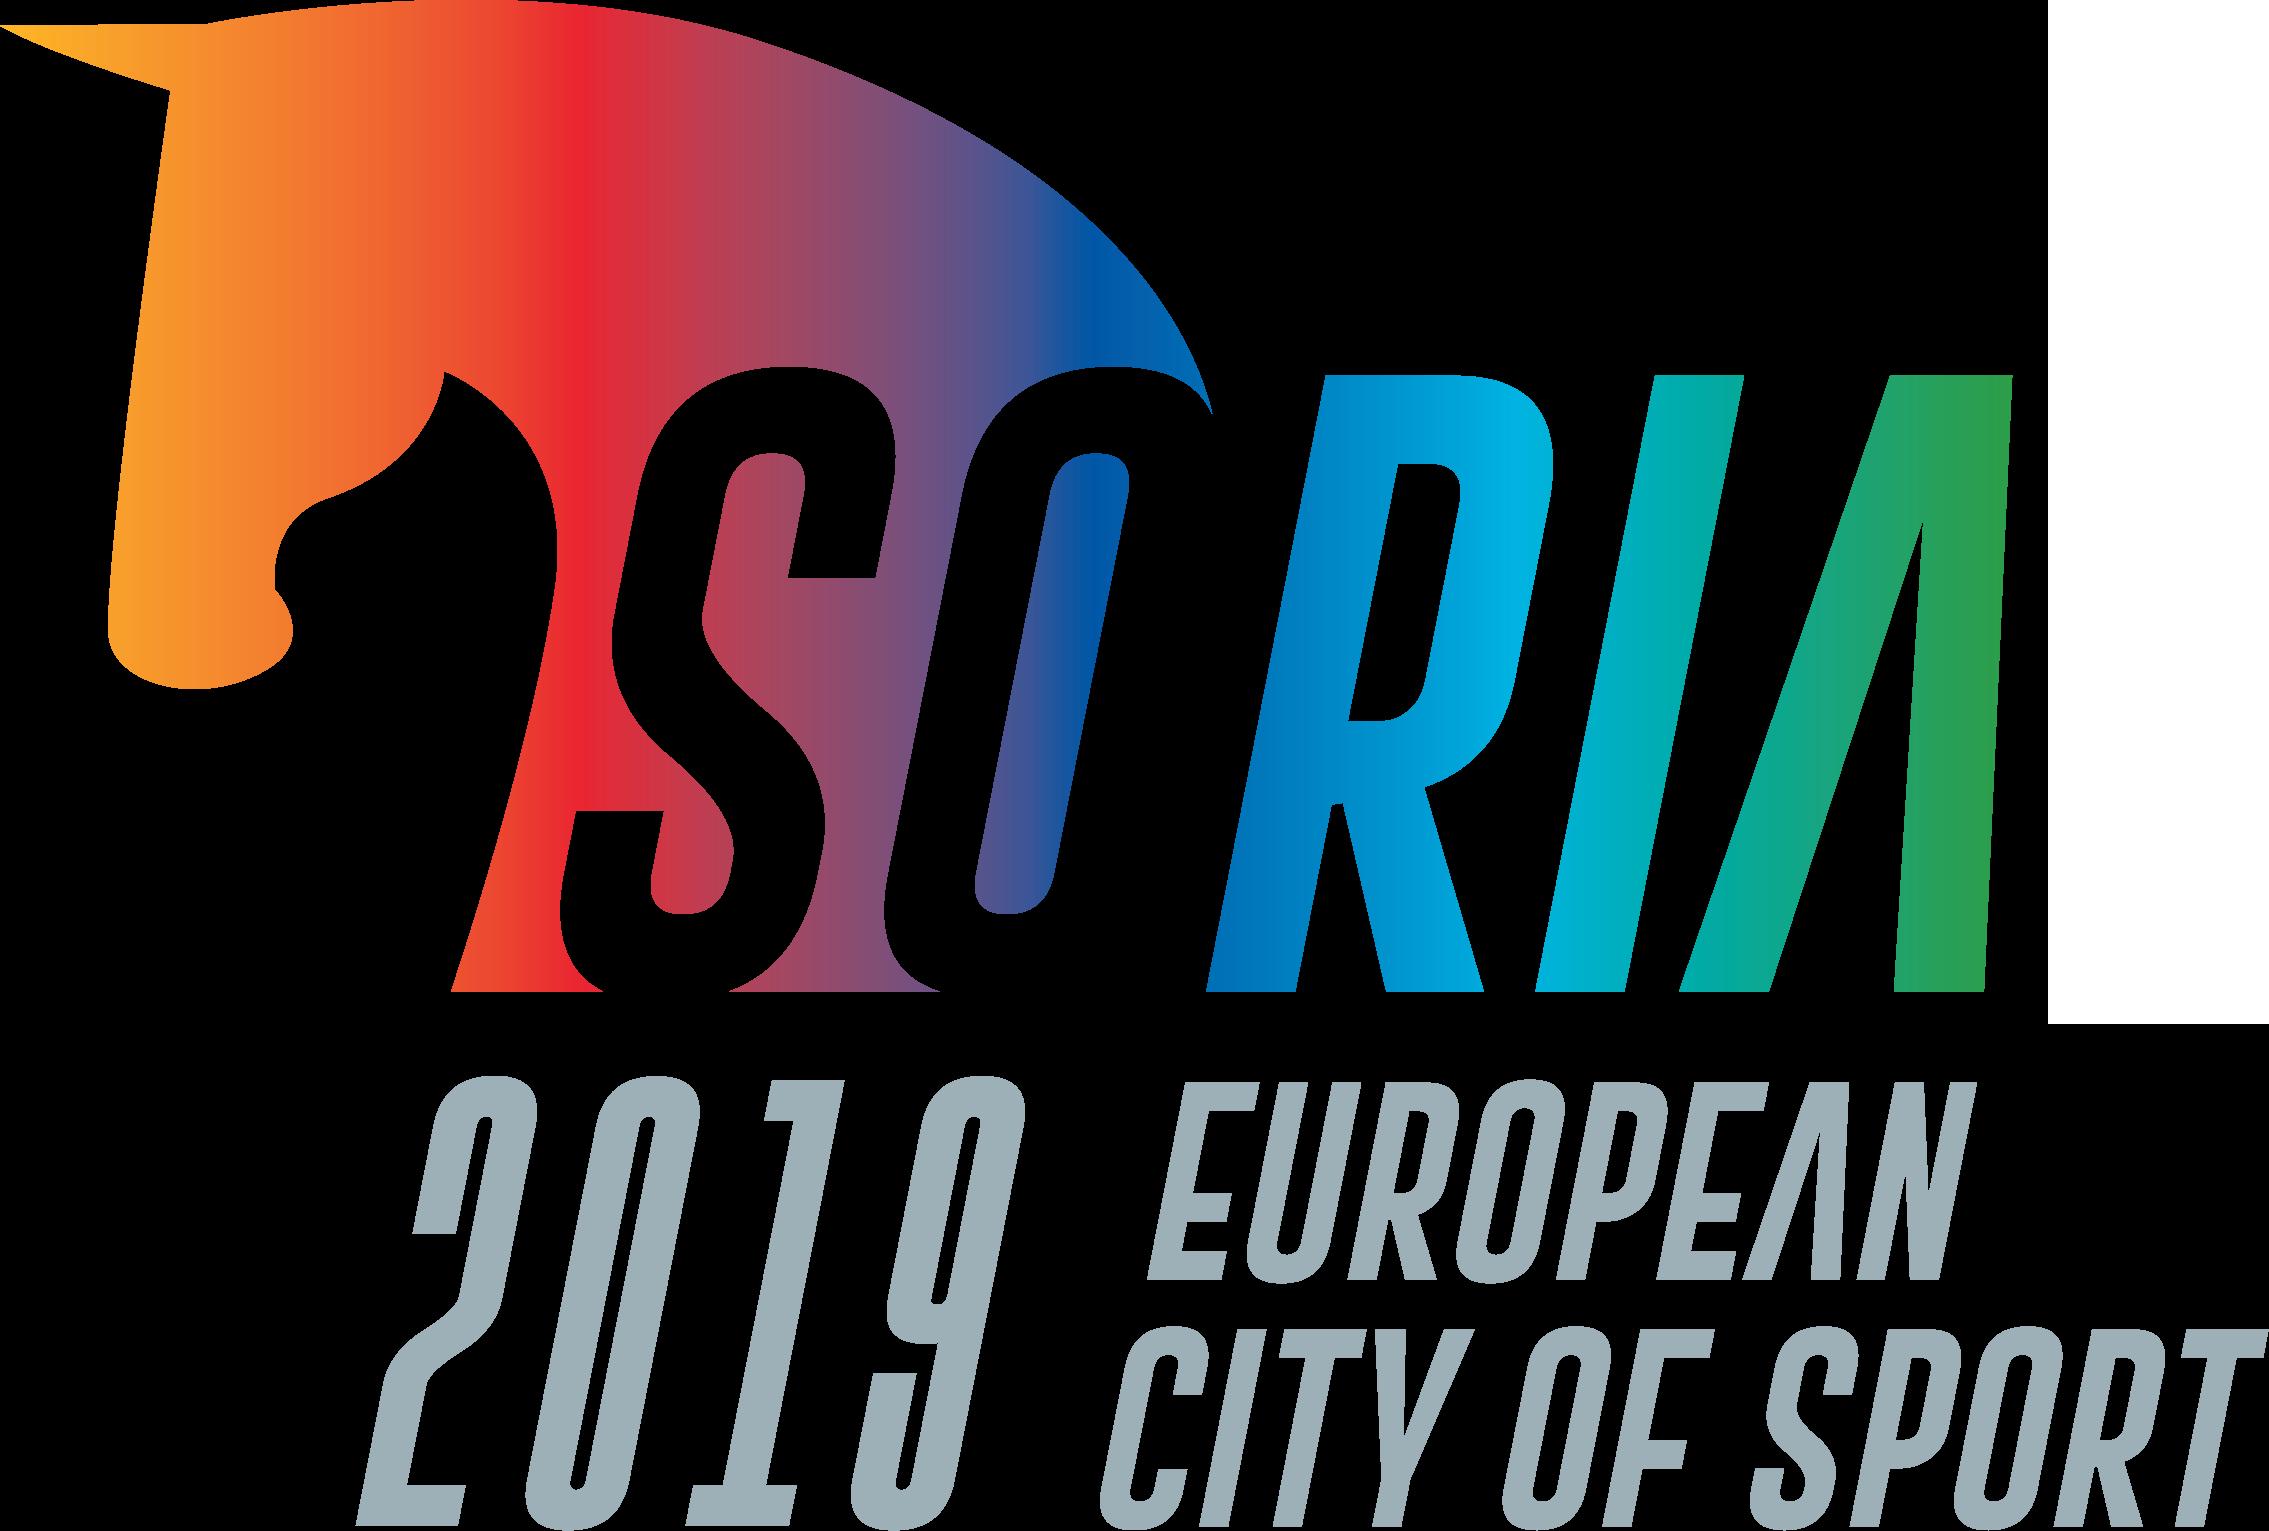 Soria Ciudad Europea del Deporte